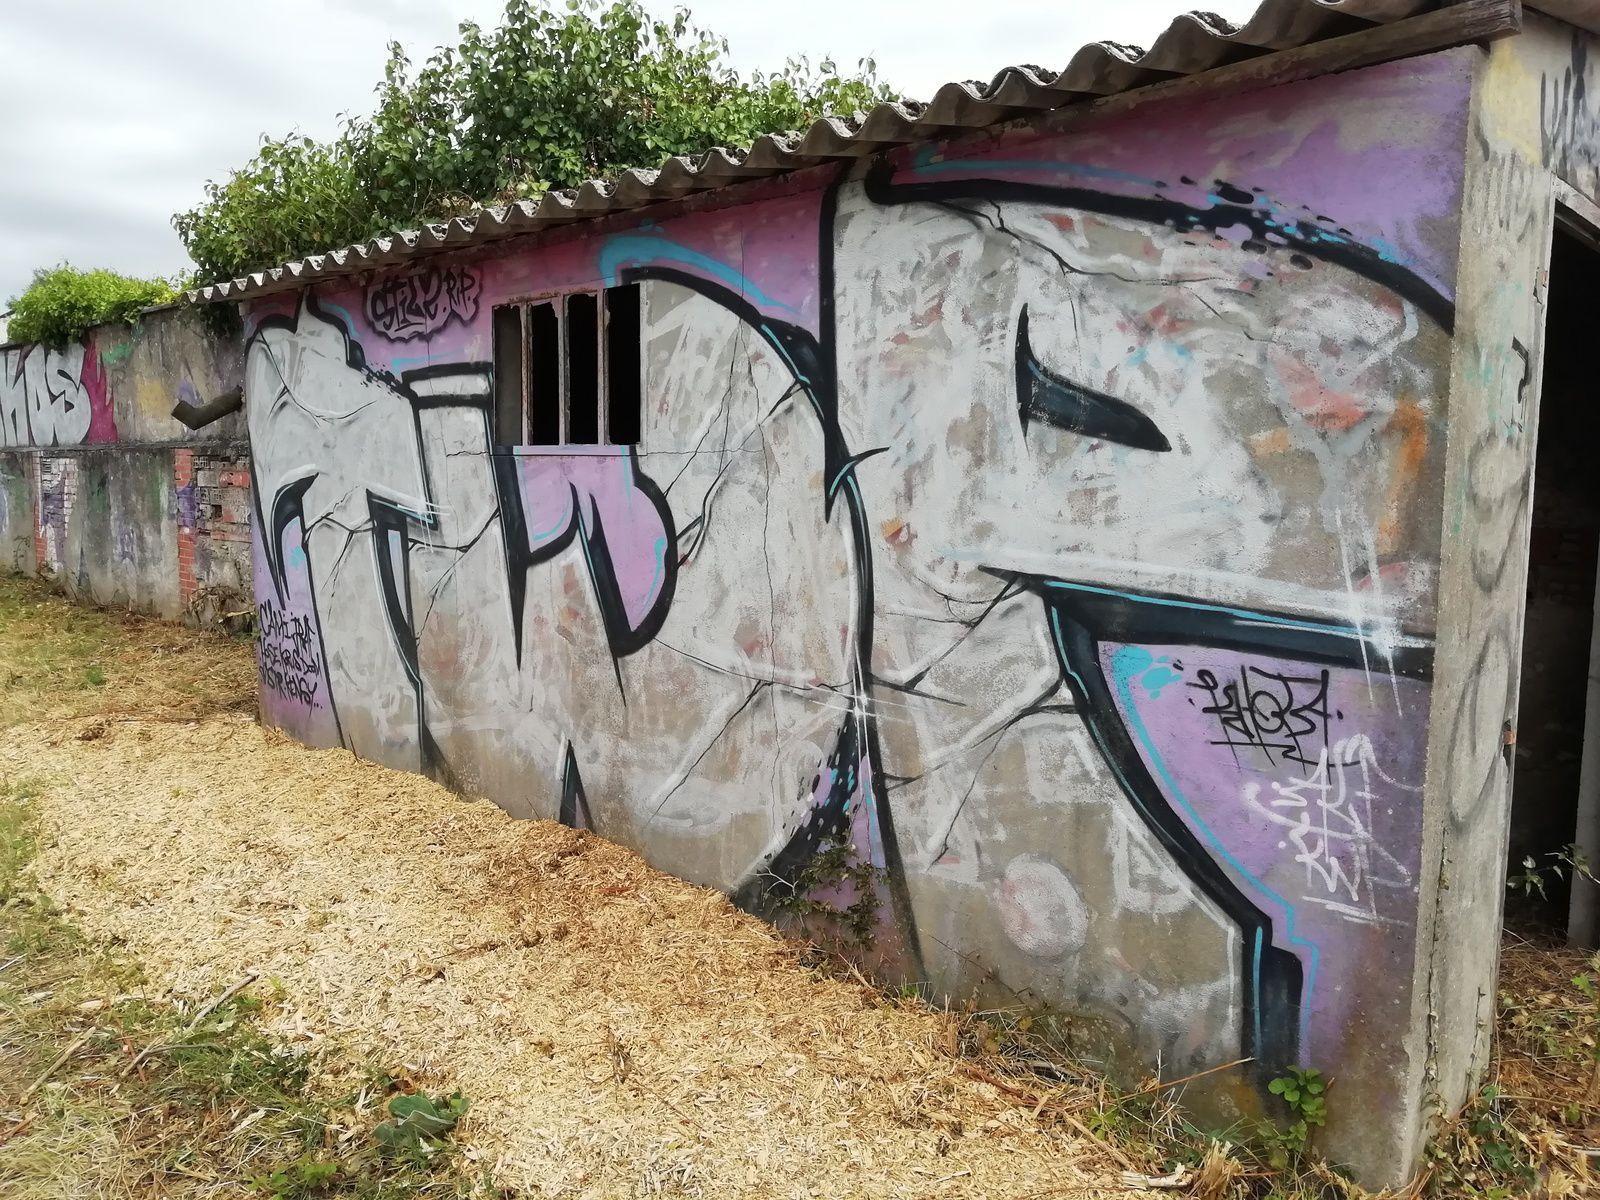 La gare d'eau des Forges : galerie de graffitis à ciel ouvert